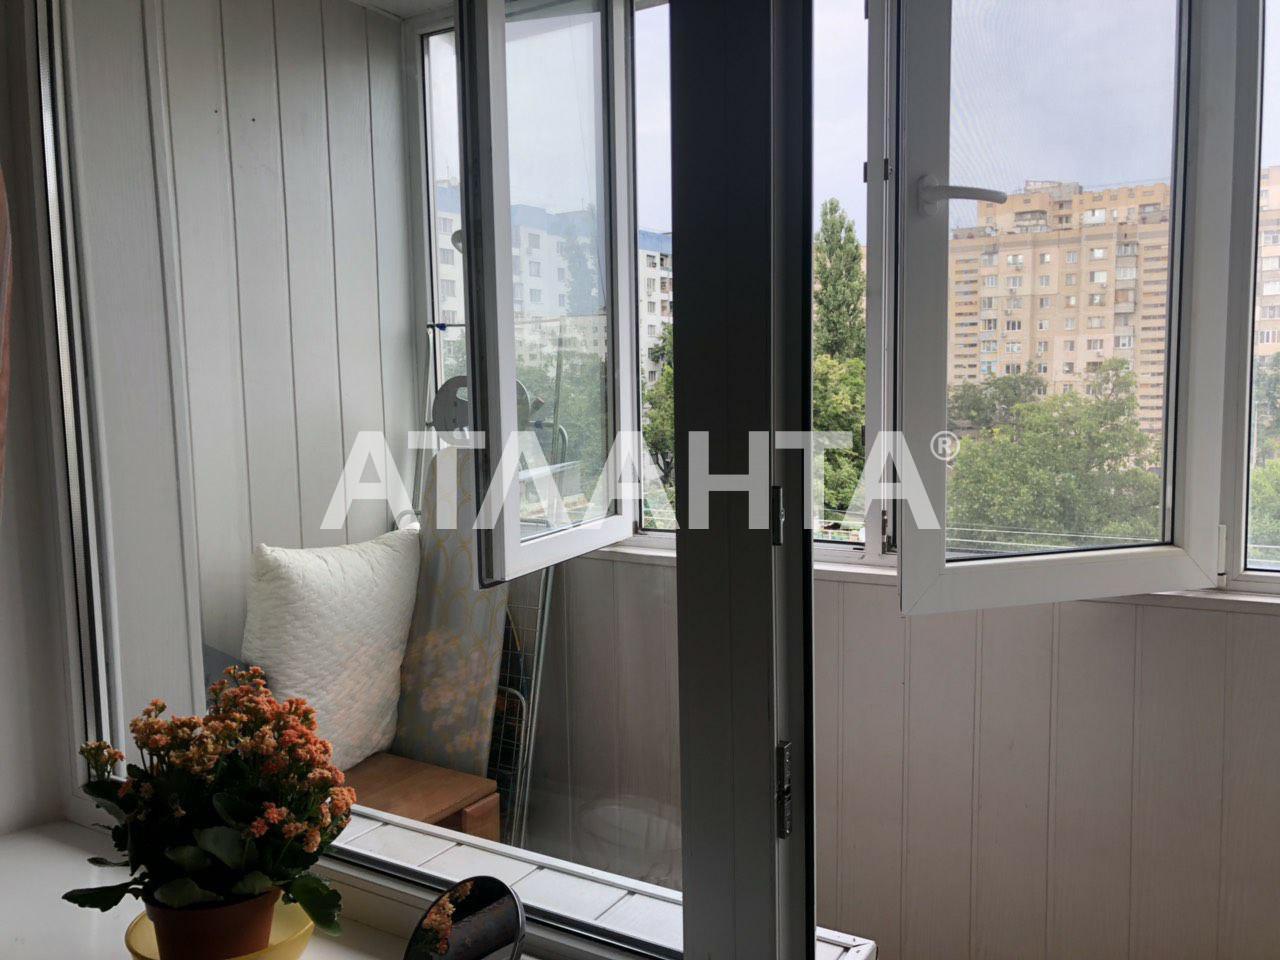 Продается 1-комнатная Квартира на ул. Левитана — 35 900 у.е. (фото №15)